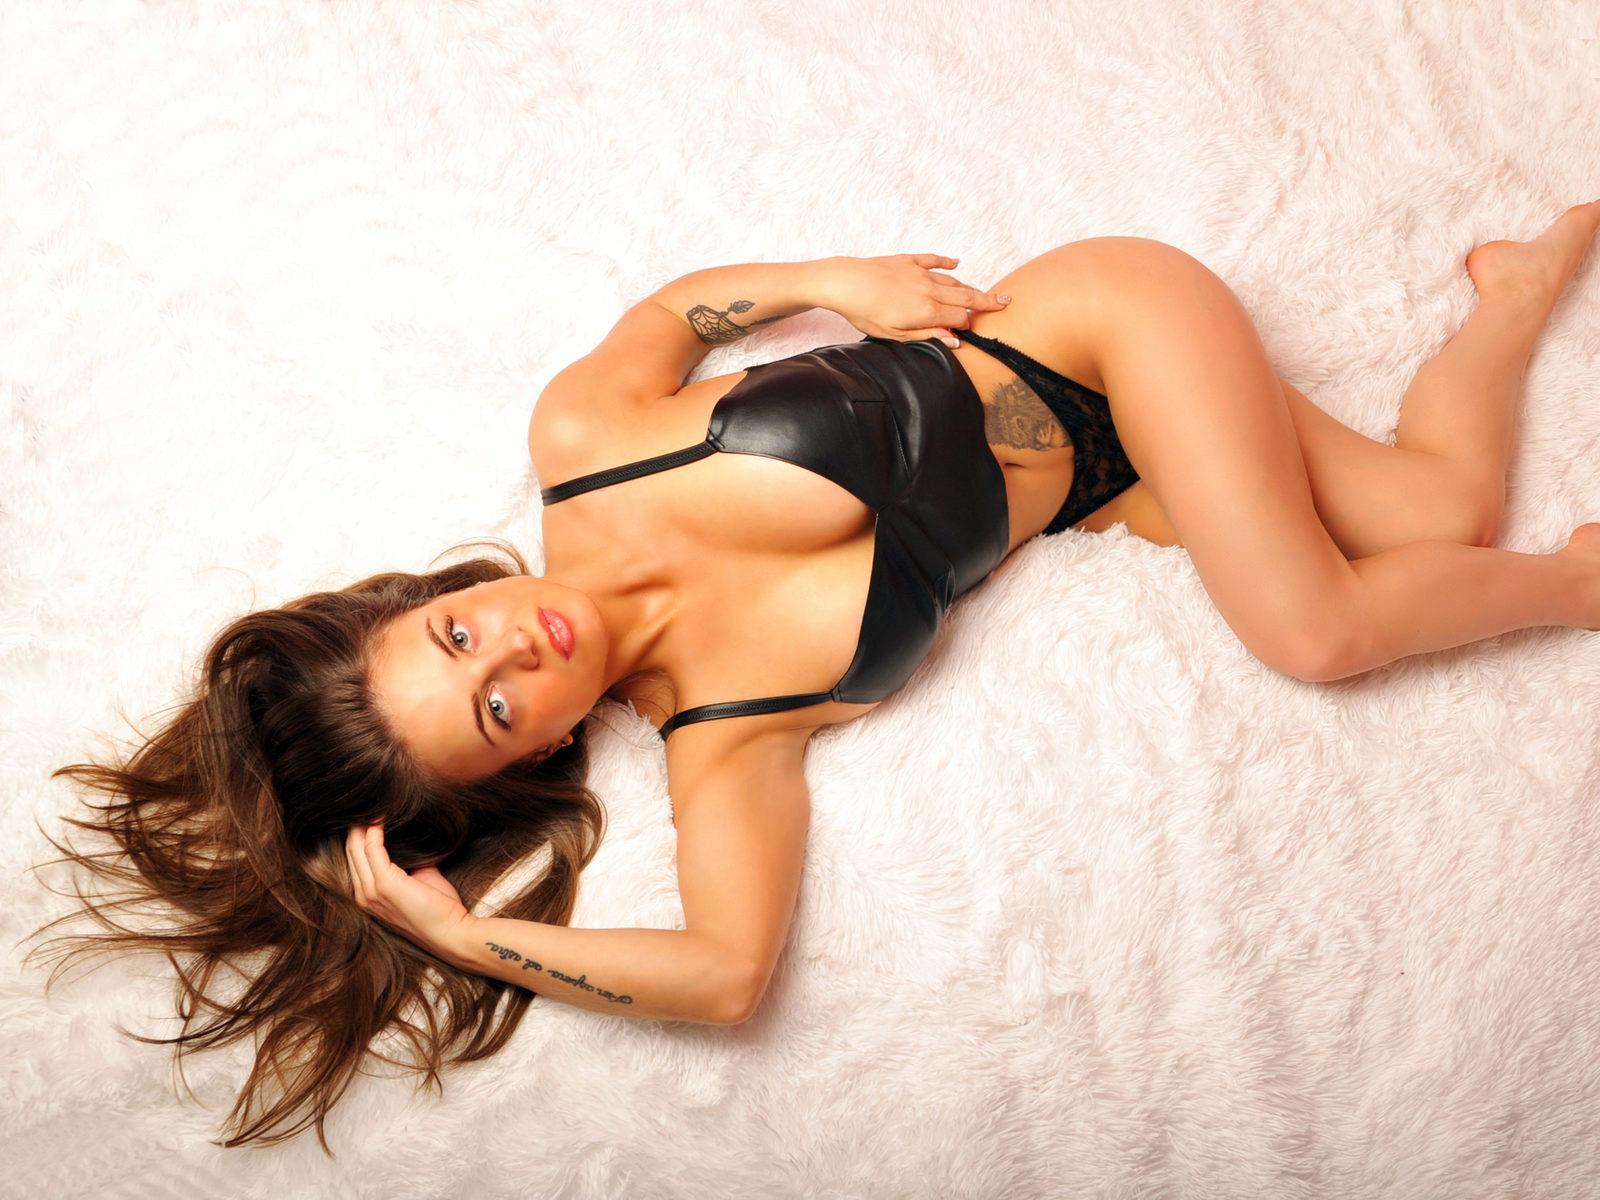 Webcam model Lola Golden from WebPowerCam